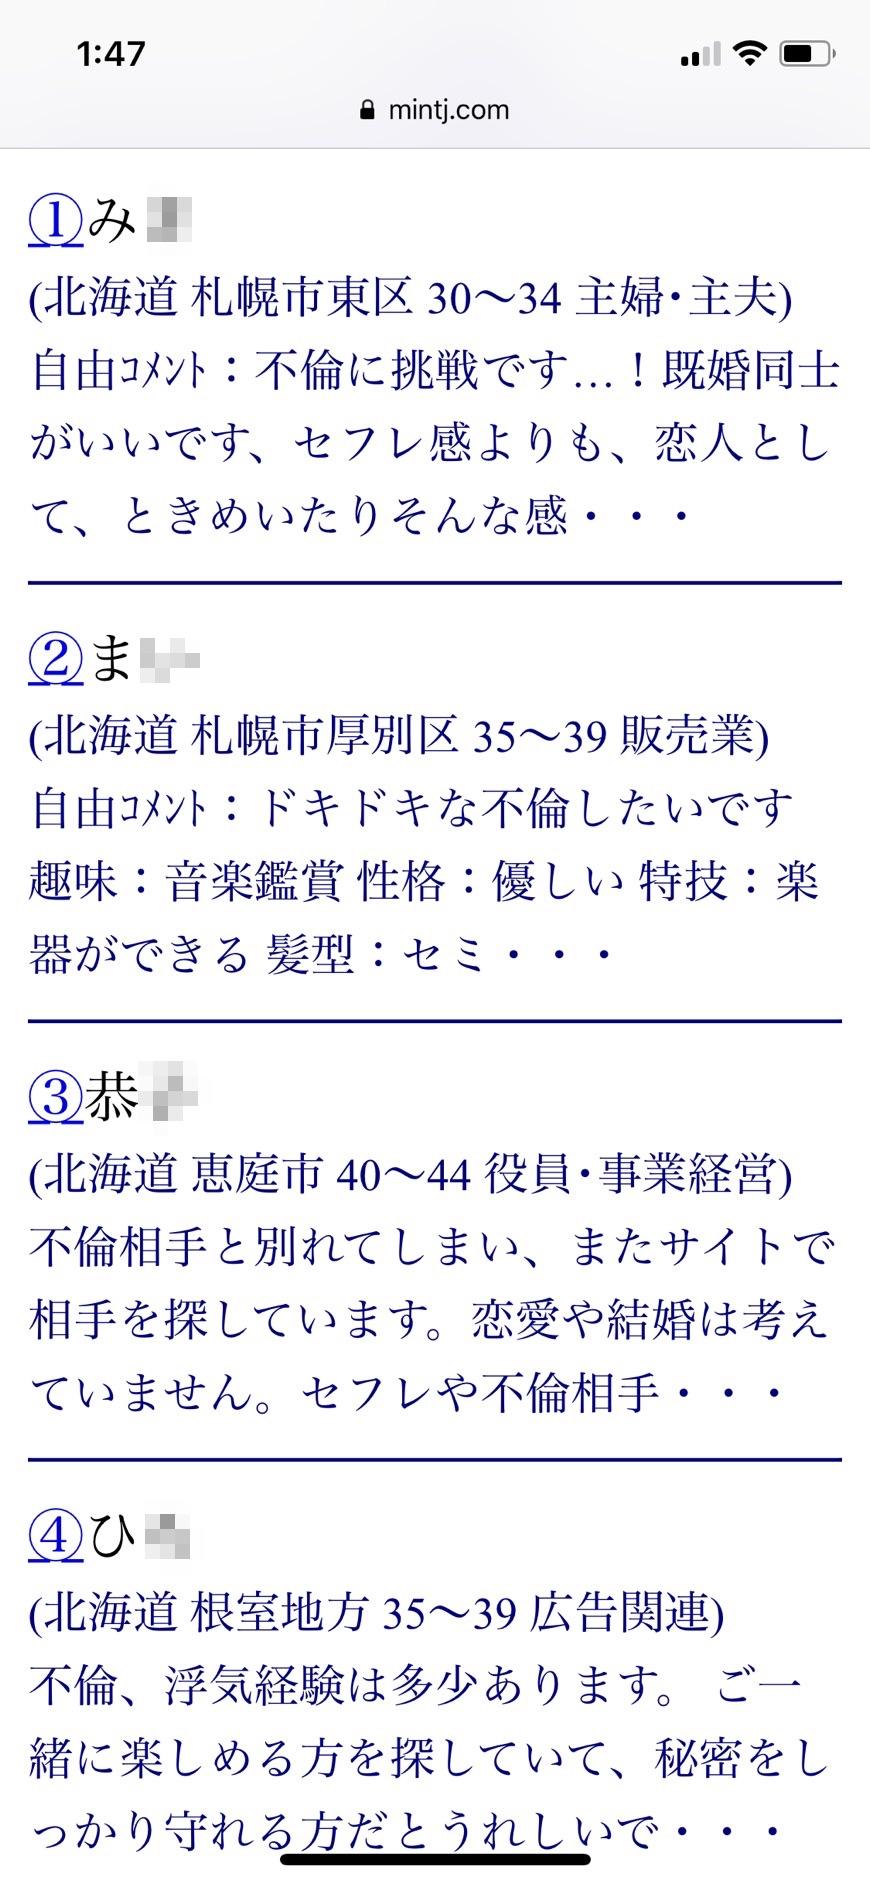 2021年・北海道割り切り出会い掲示板(Jメール)